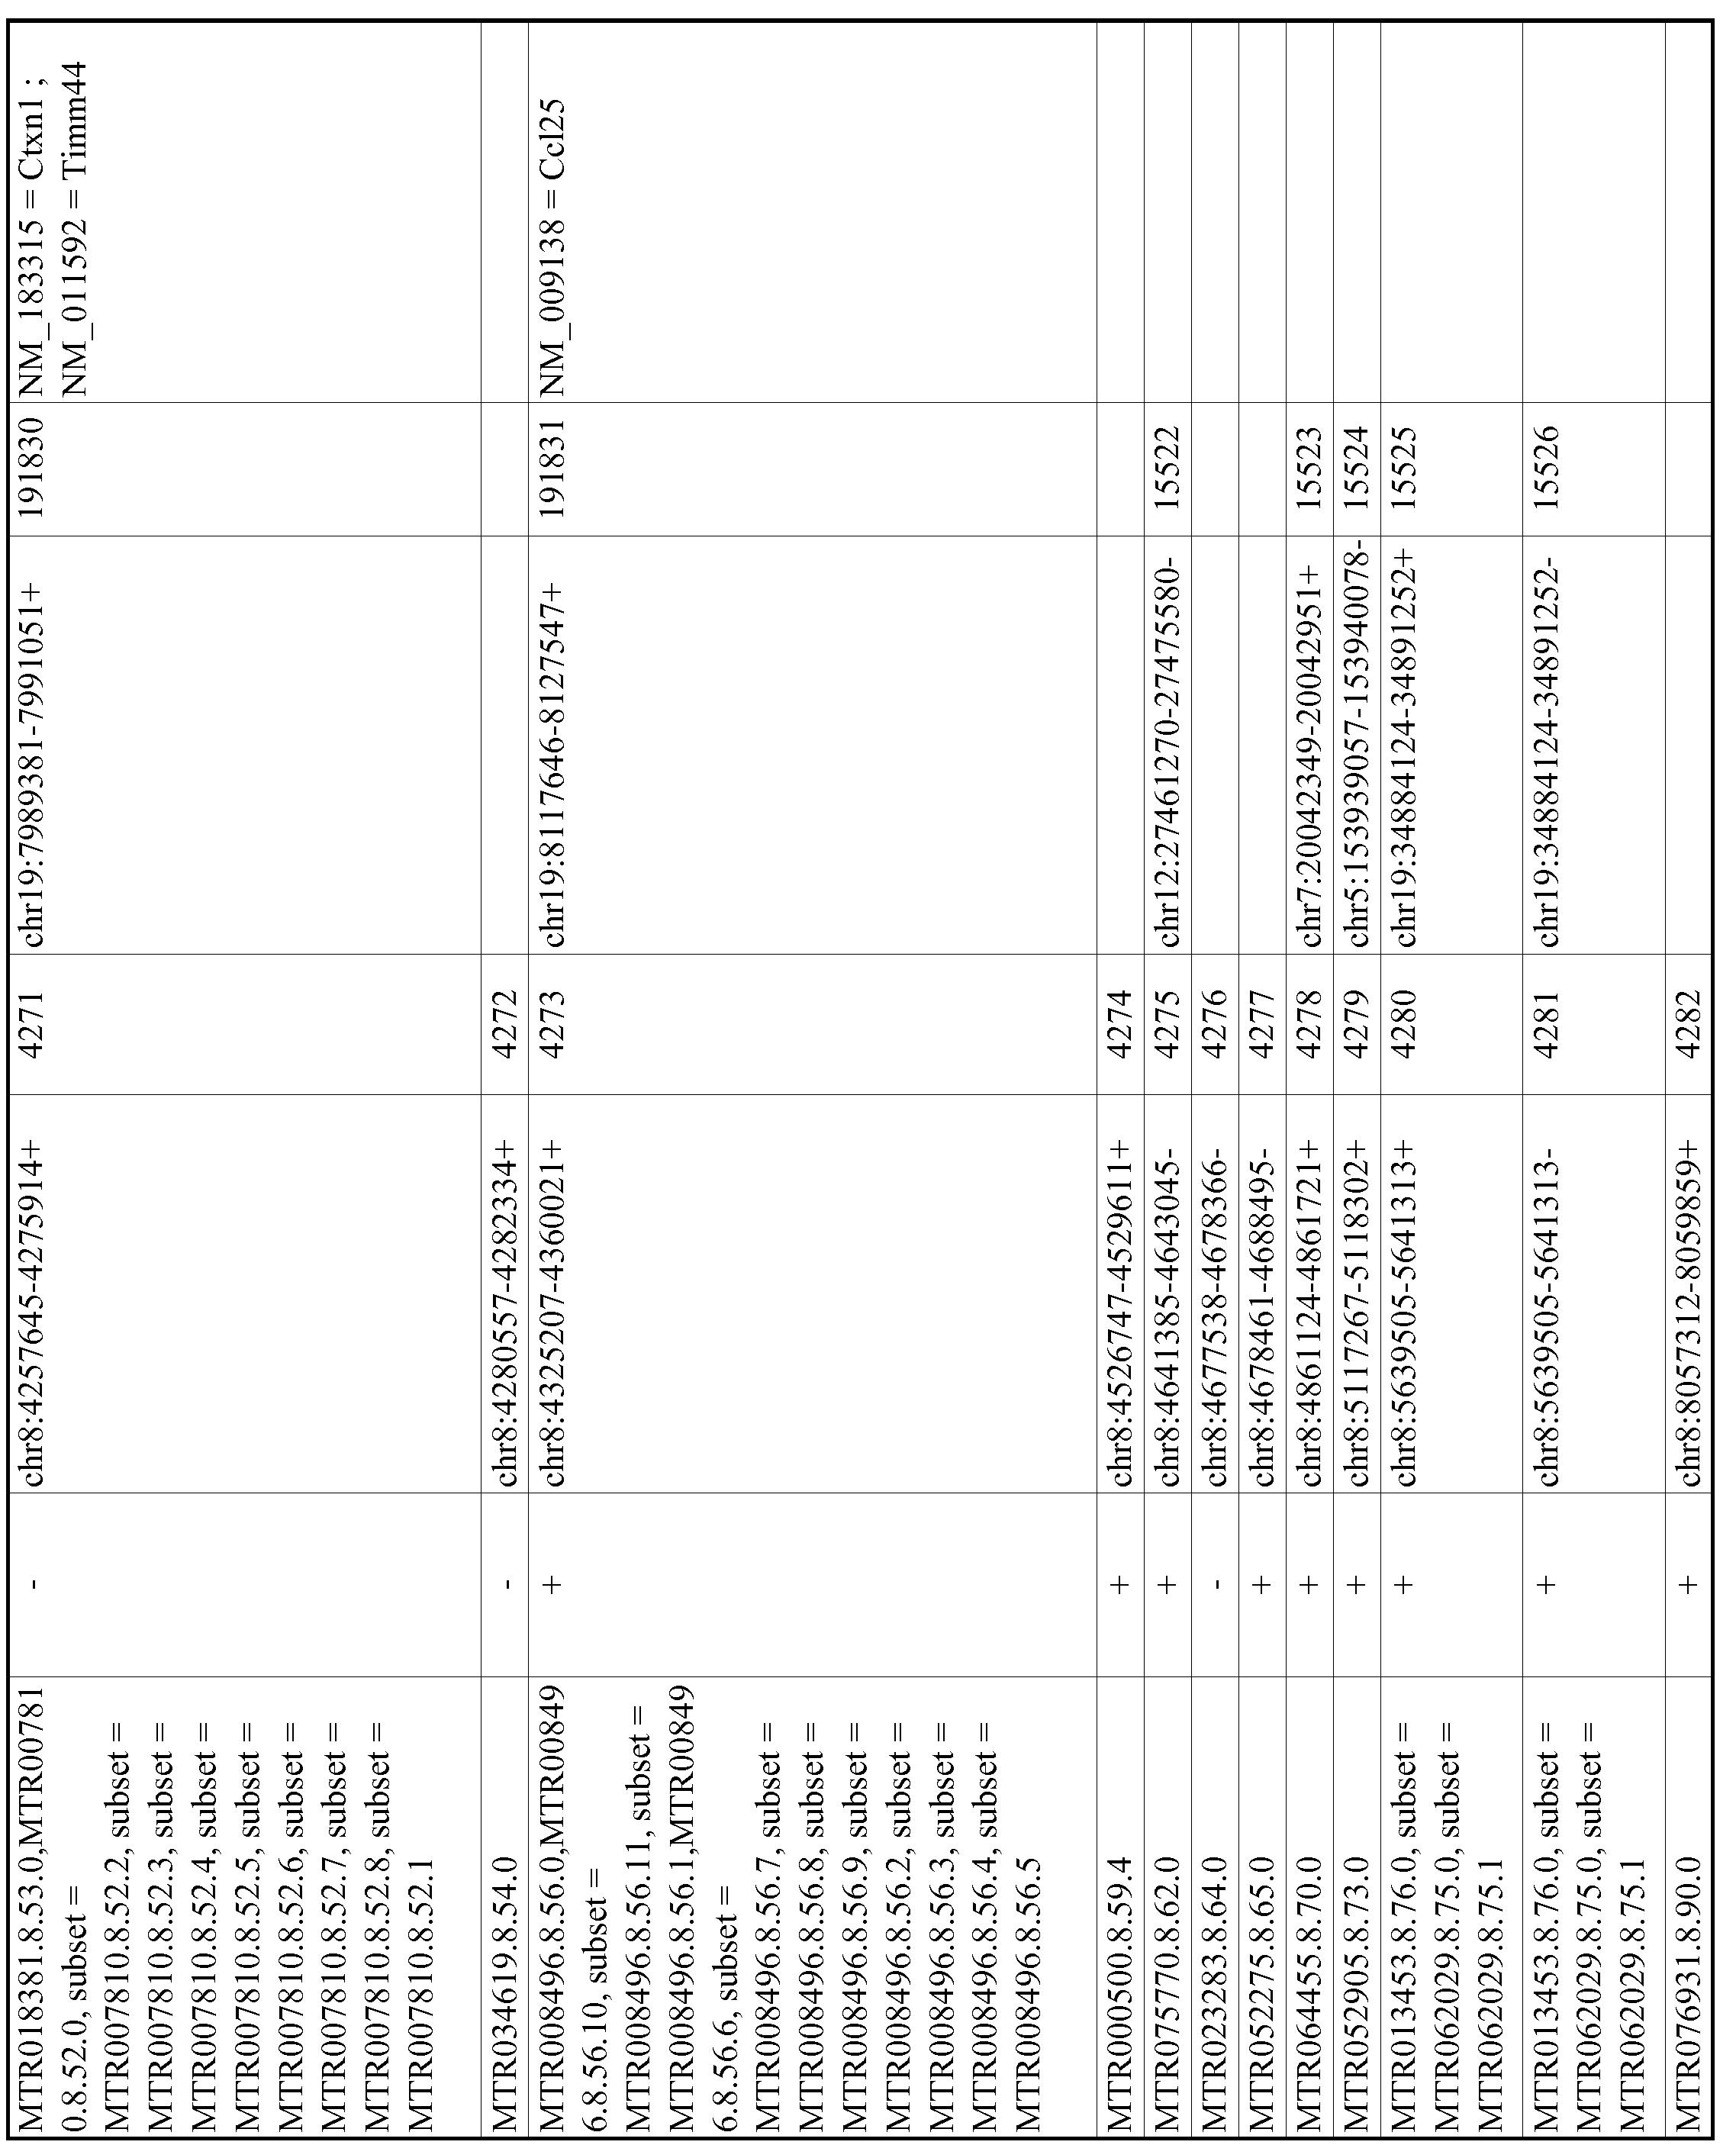 Figure imgf000808_0001